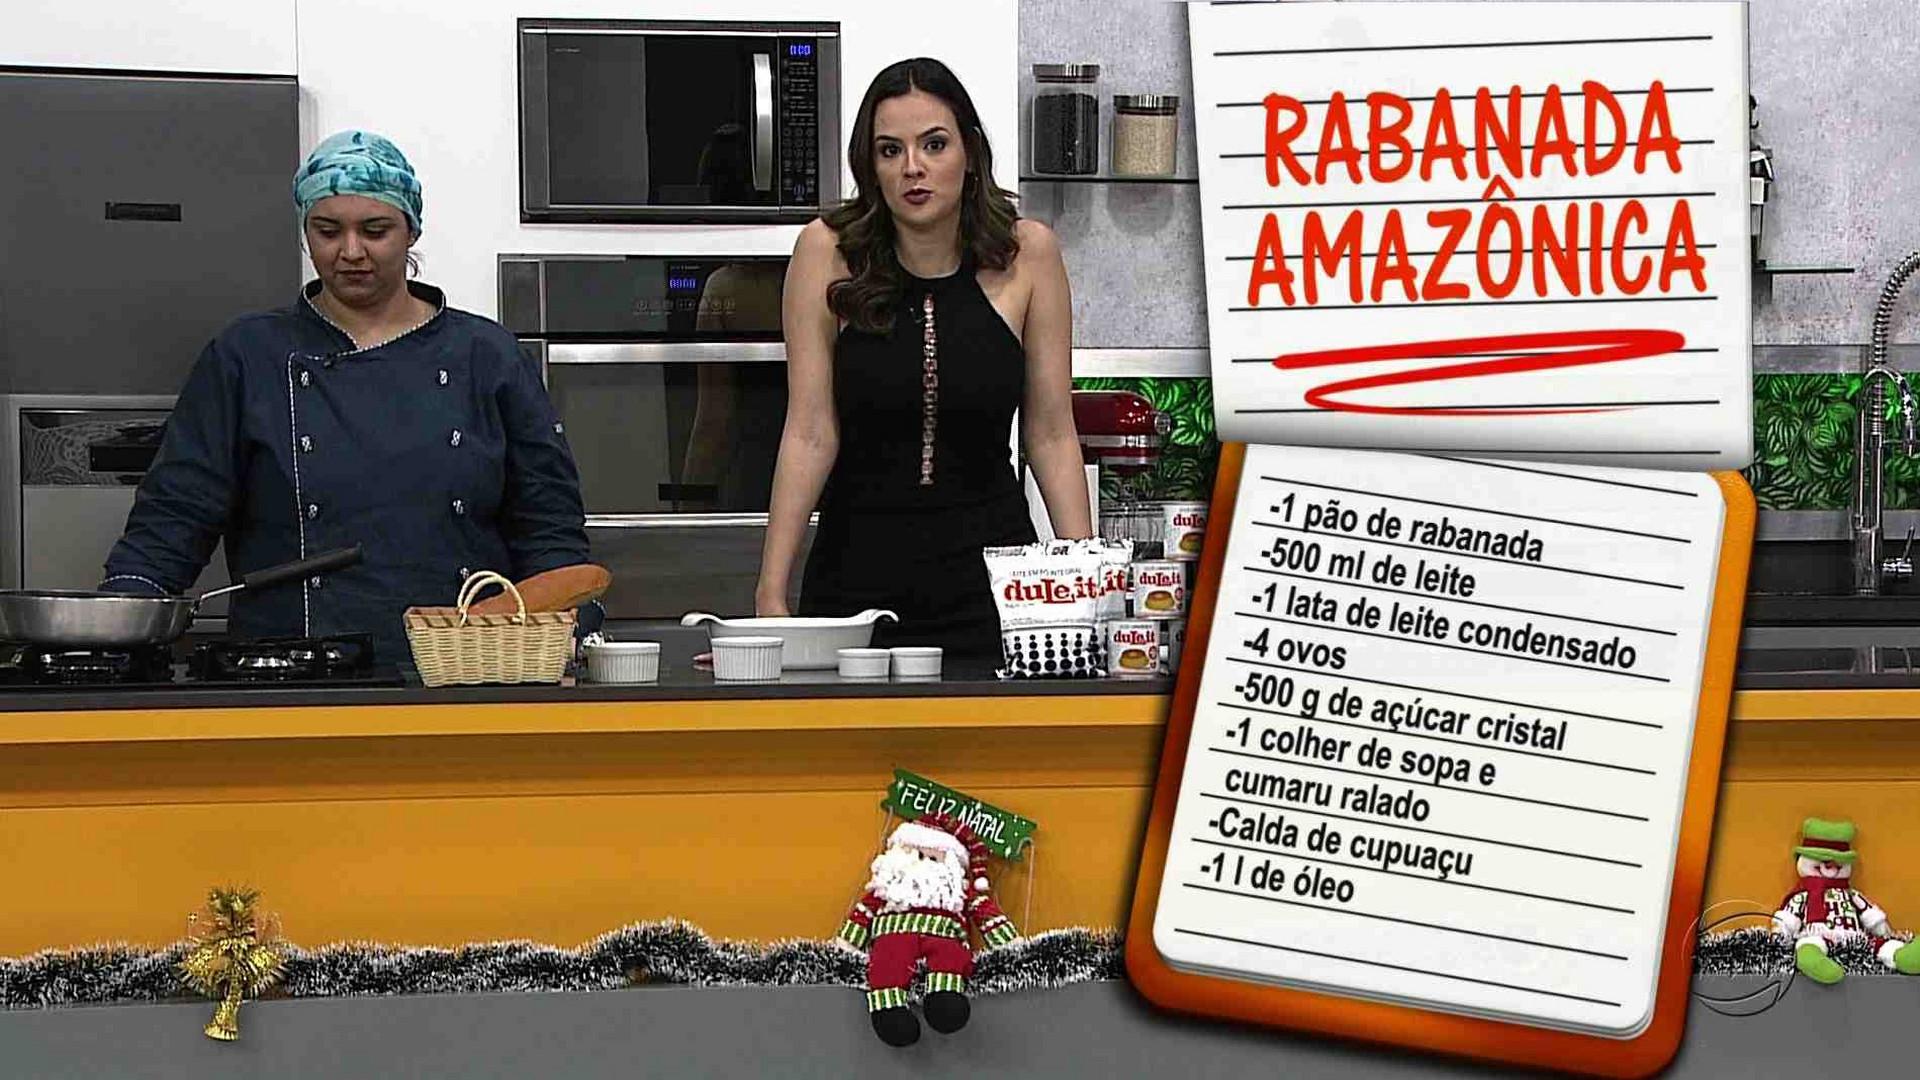 CULINÁRIA: APRENDA A FAZER RABANADA AMAZÔNICA - Magazine 15/12/17